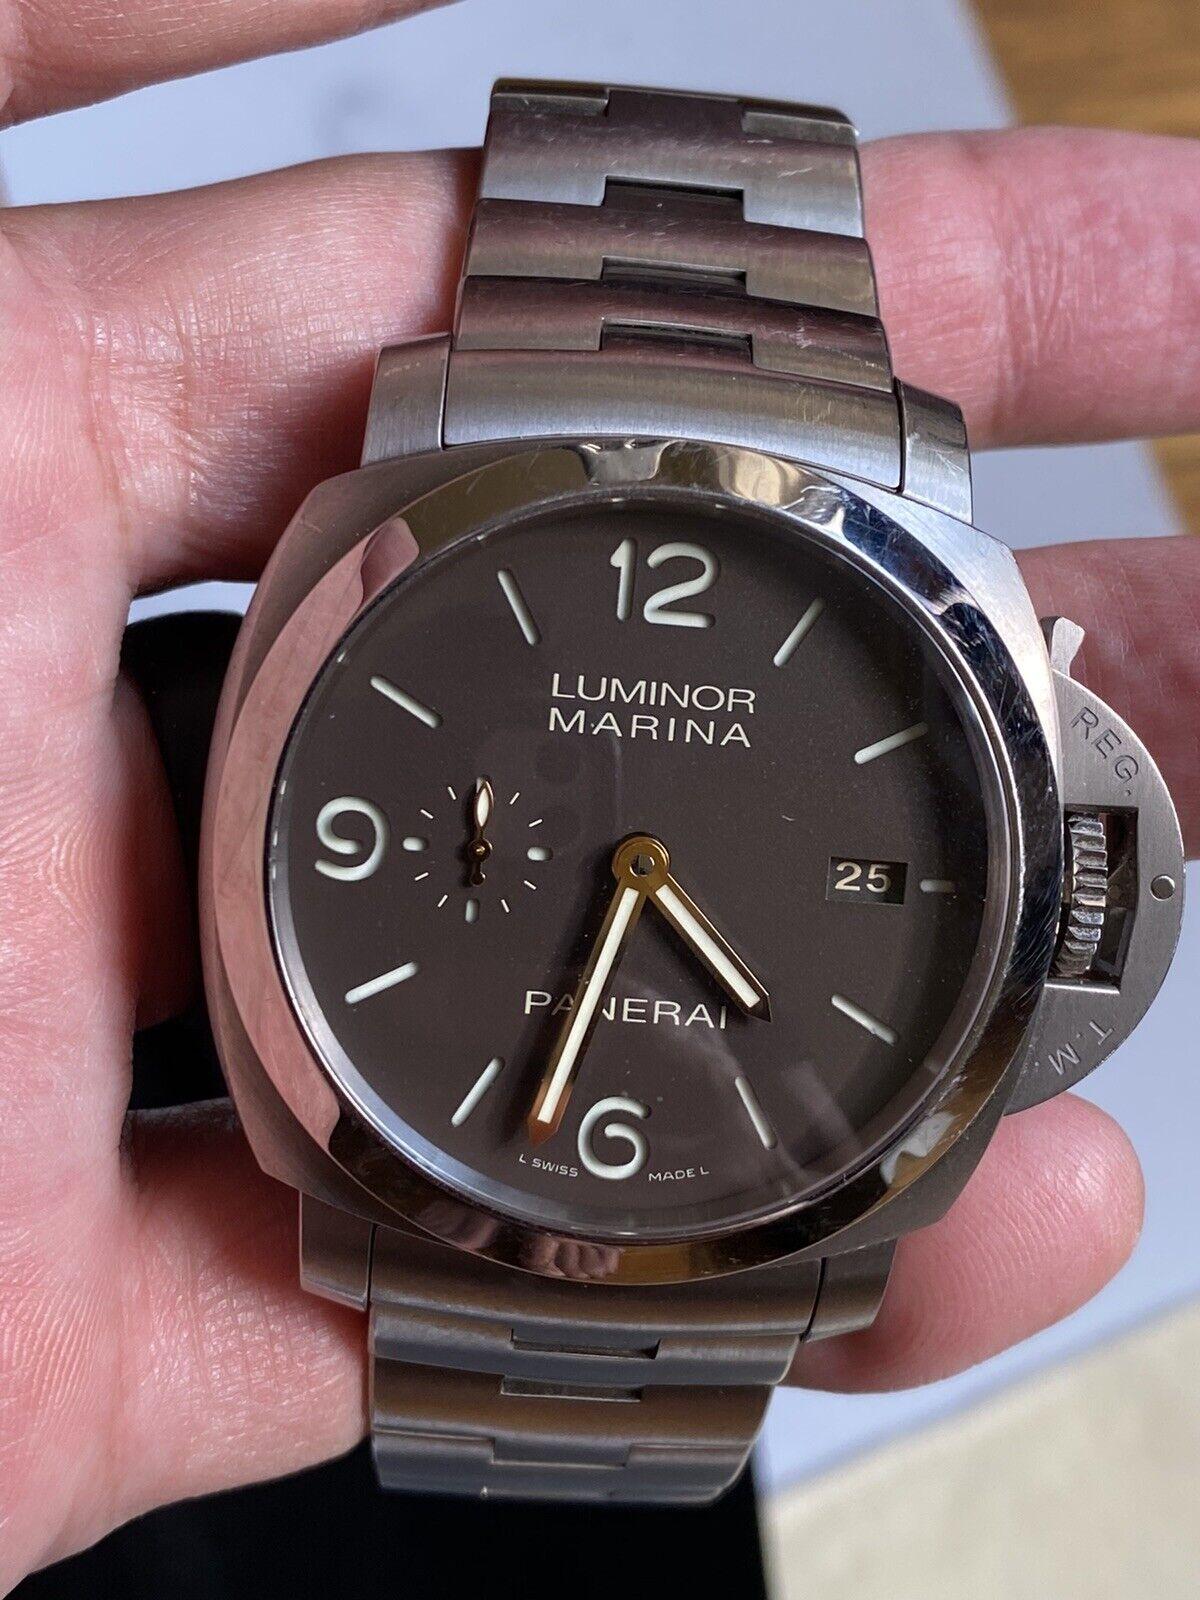 Panerai Luminor 1950 3-Days PAM 352 Titanium Original Owner! - watch picture 1